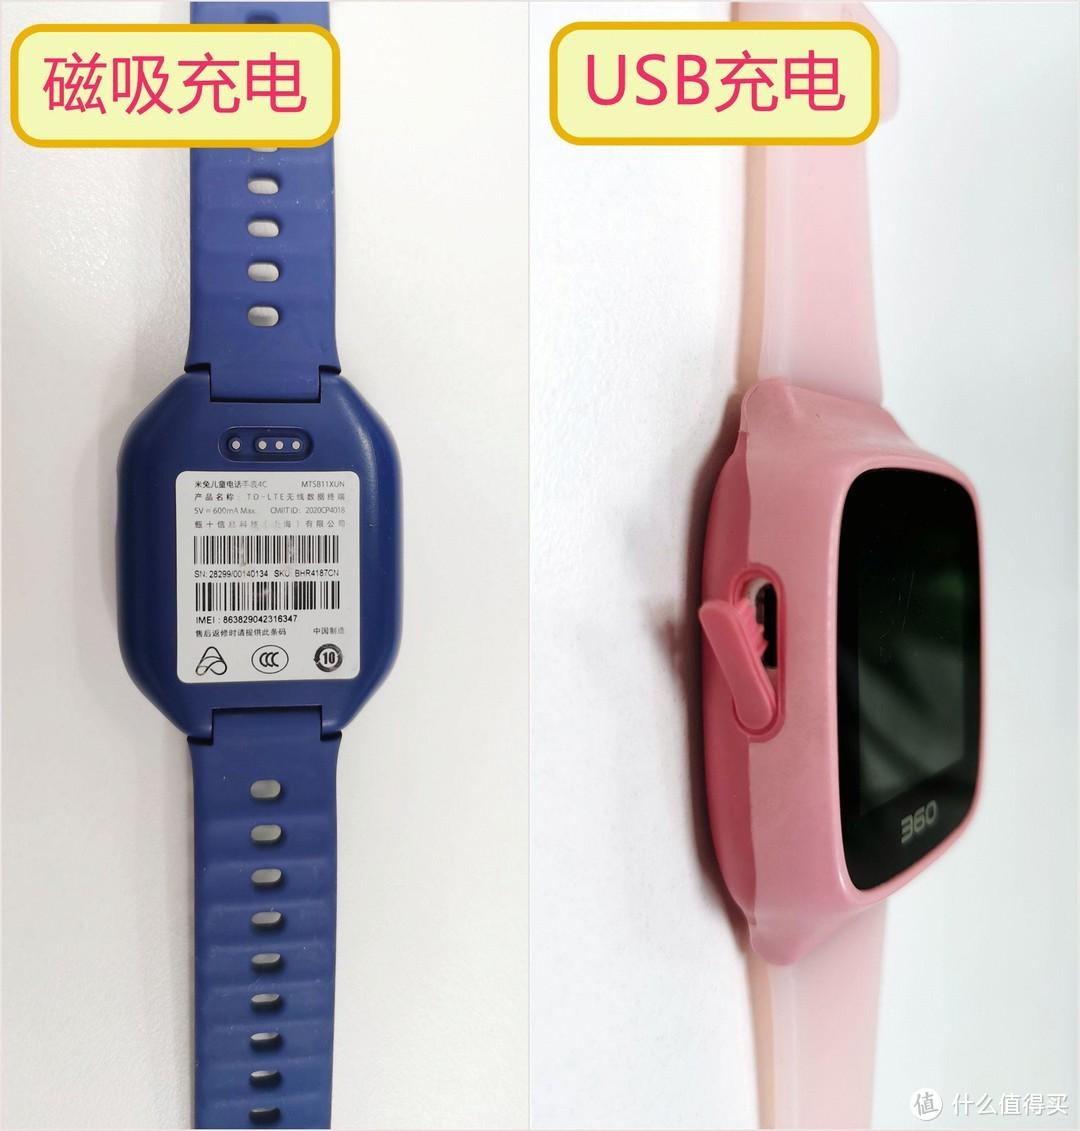 深扒你所不知道的!如何挑选出一只真正好用的儿童电话手表?多型号实物横向对比测评来了!